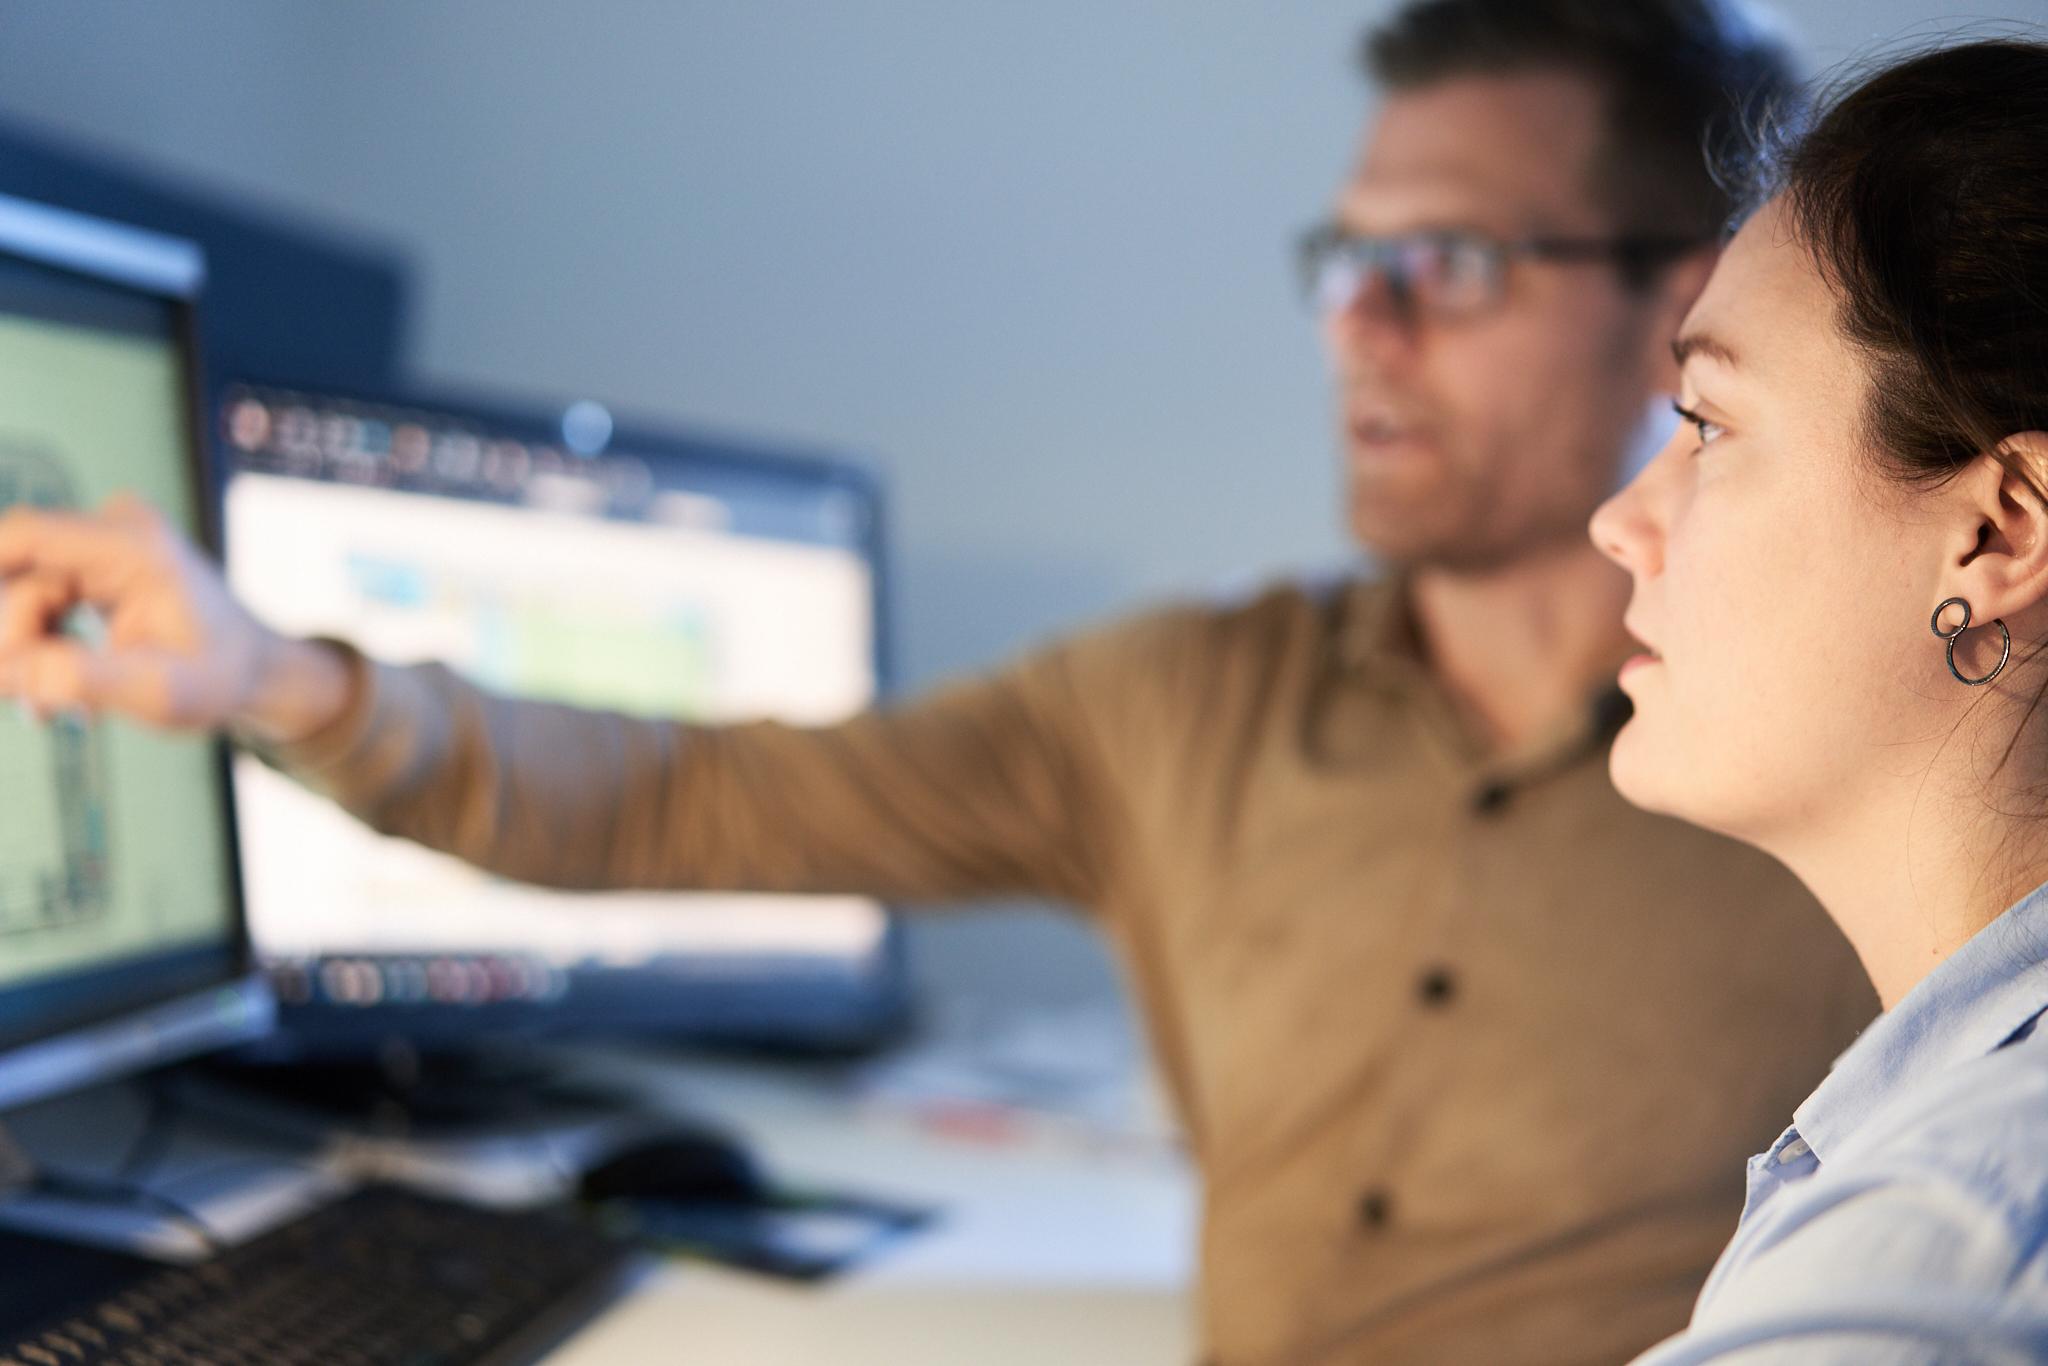 RiACT® – riskkontroll för ökade möjligheter! - RiACT® är vårt egenutvecklade verktyg för våra försäkringstekniska kunder. Verktyget är unikt i sitt slag och sammanför tydlig kartläggning och bedömning av risker med praktiska möjligheter för riskreduktion. Risker klassificeras enligt P&B RiACT-modellen som speglar försäkringsmarknadens syn på riskkvalitet.